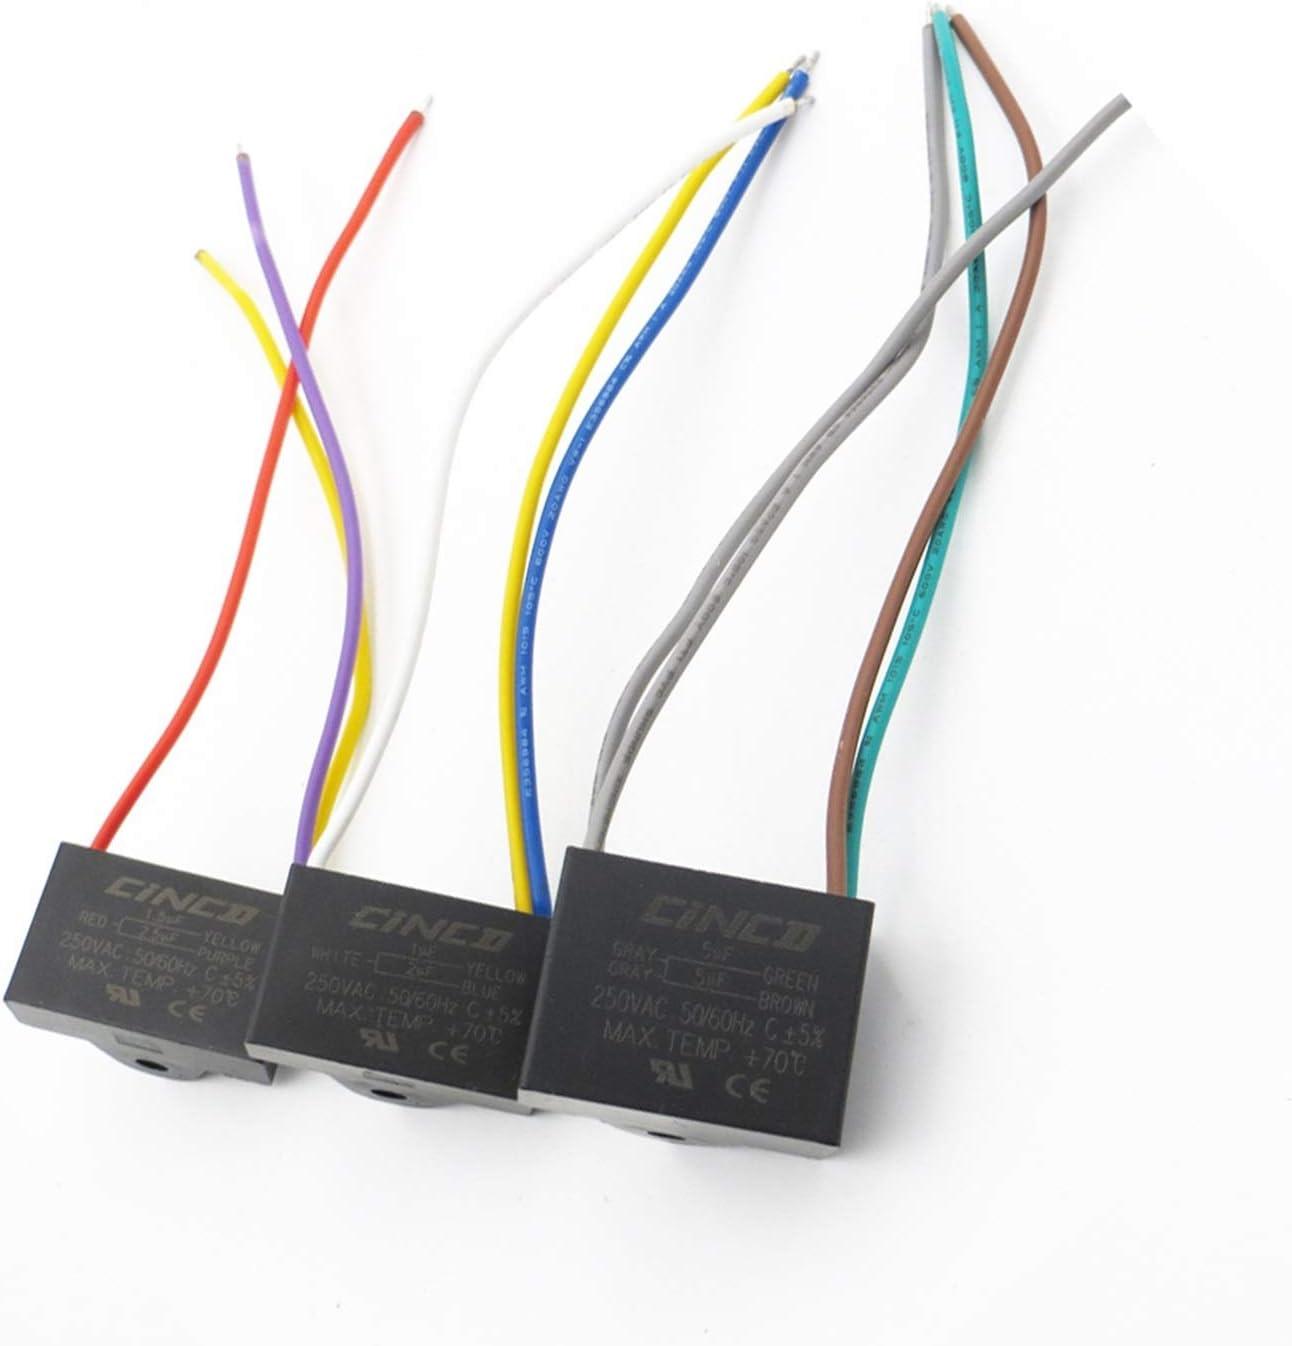 YSJSPKK Condensadores 250VAC CBB61 3/4/5 1 1.2 2 2.3 2.5 3 3.5 4 4.5 5 6 6.5 UF + Cables Capacitador de Funcionamiento del Motor Velocidad del Ventilador eléctrico 250V (Speed : 5 5 5uF)